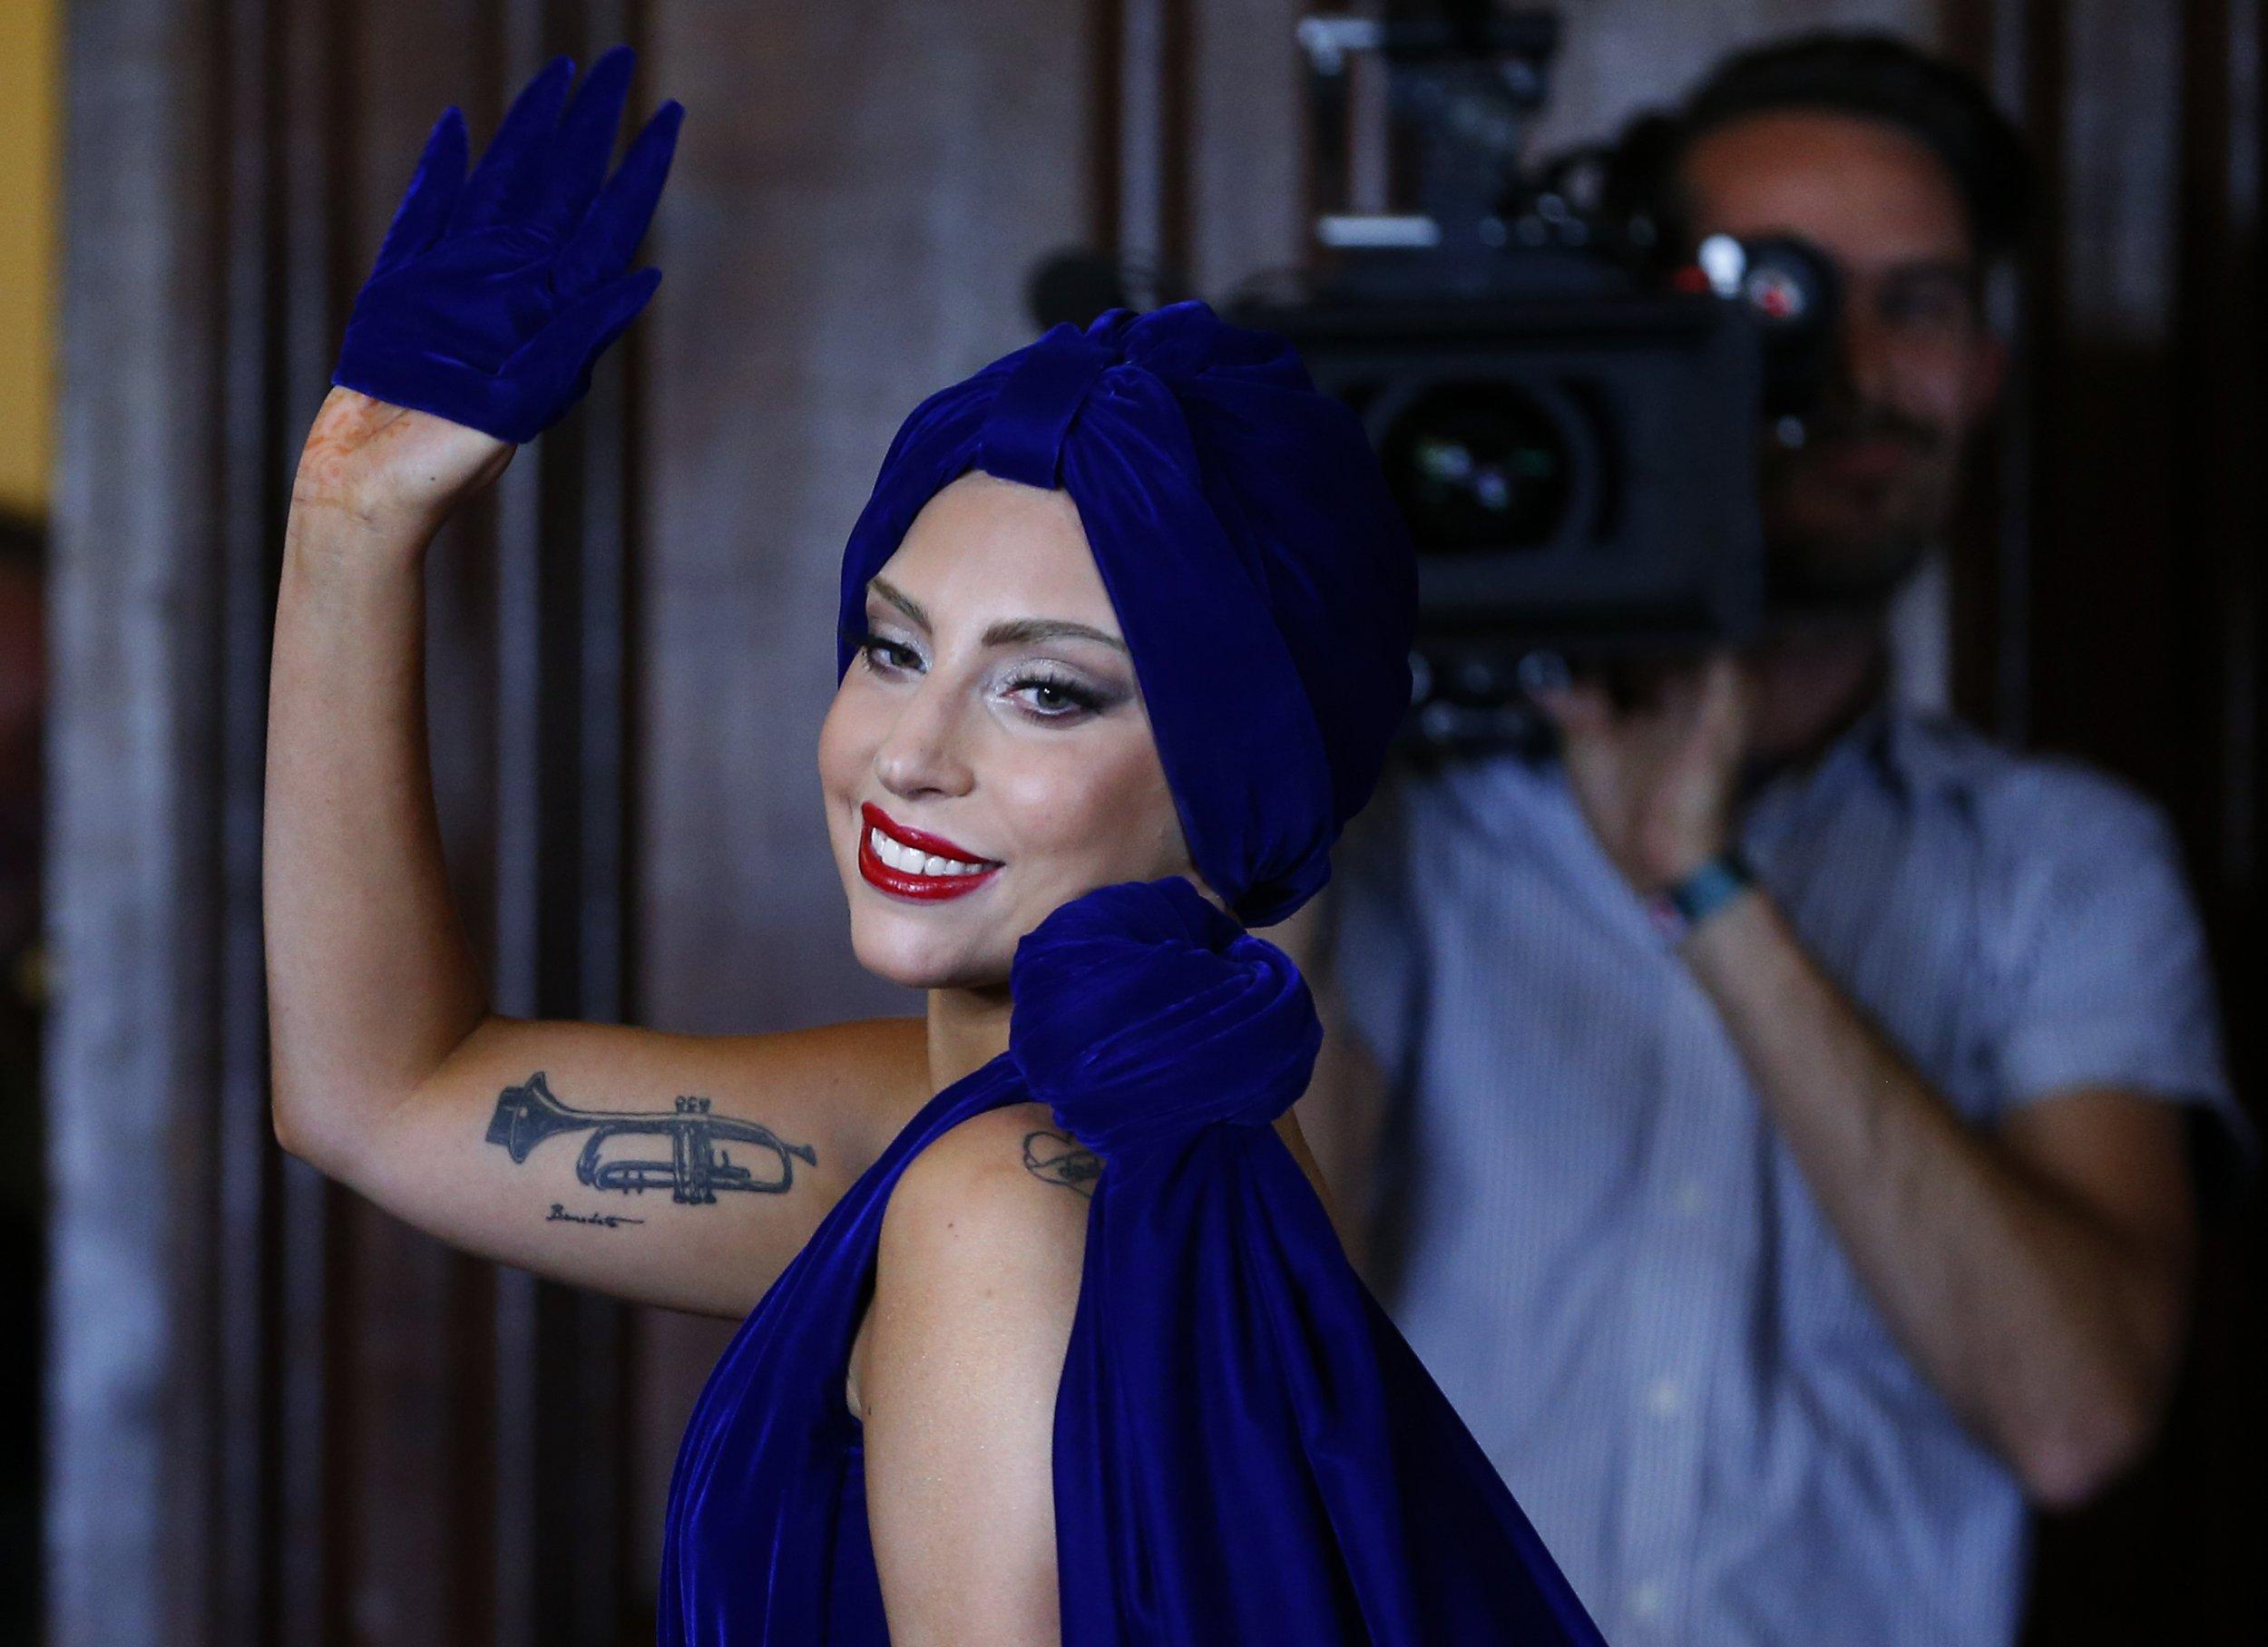 9-30-15 Lady Gaga